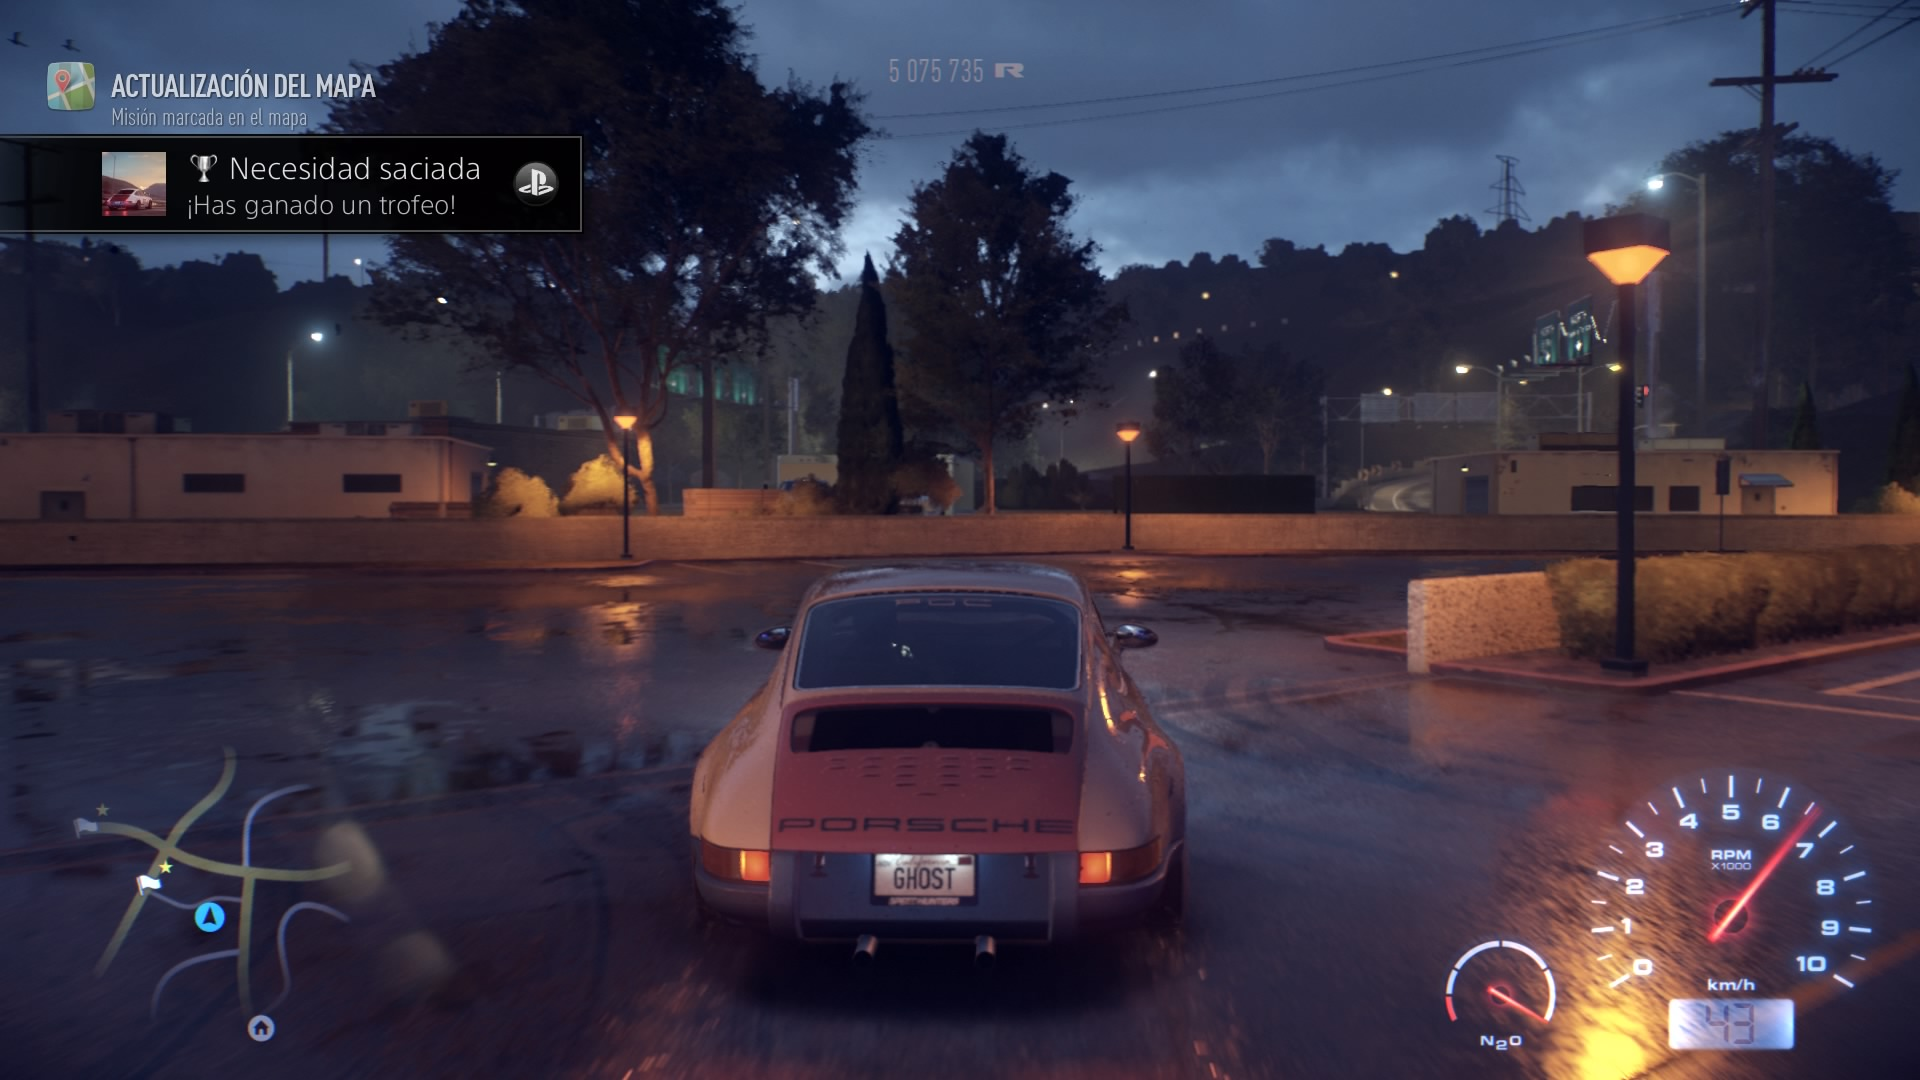 Anlisis De Need For Speed Para Ps4 Y Xbox One Hobbyconsolas Juegos Un